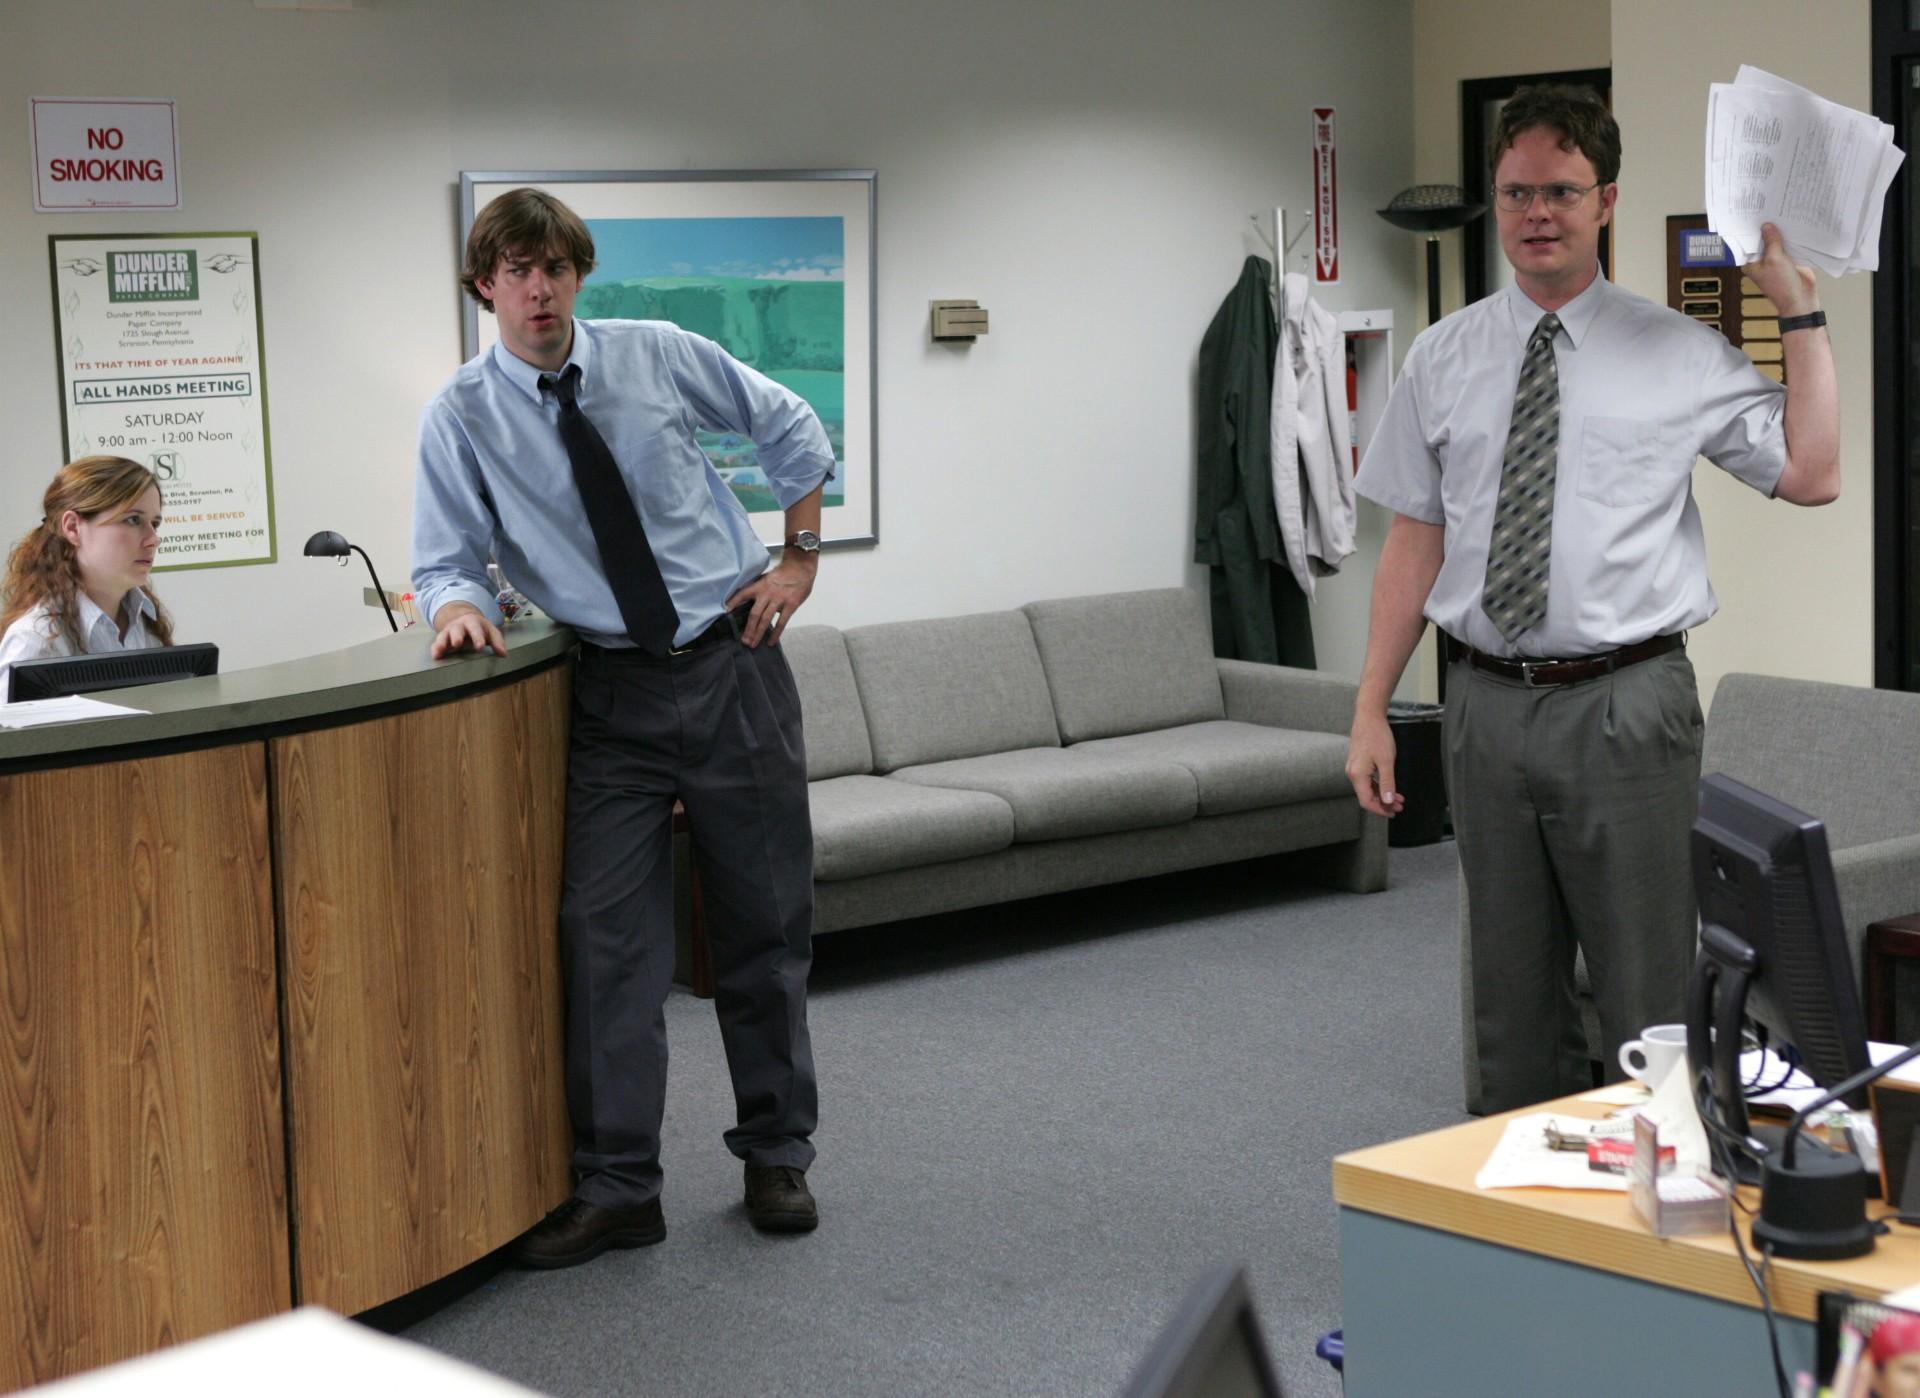 John Krasinski, Rainn Wilson, The Office